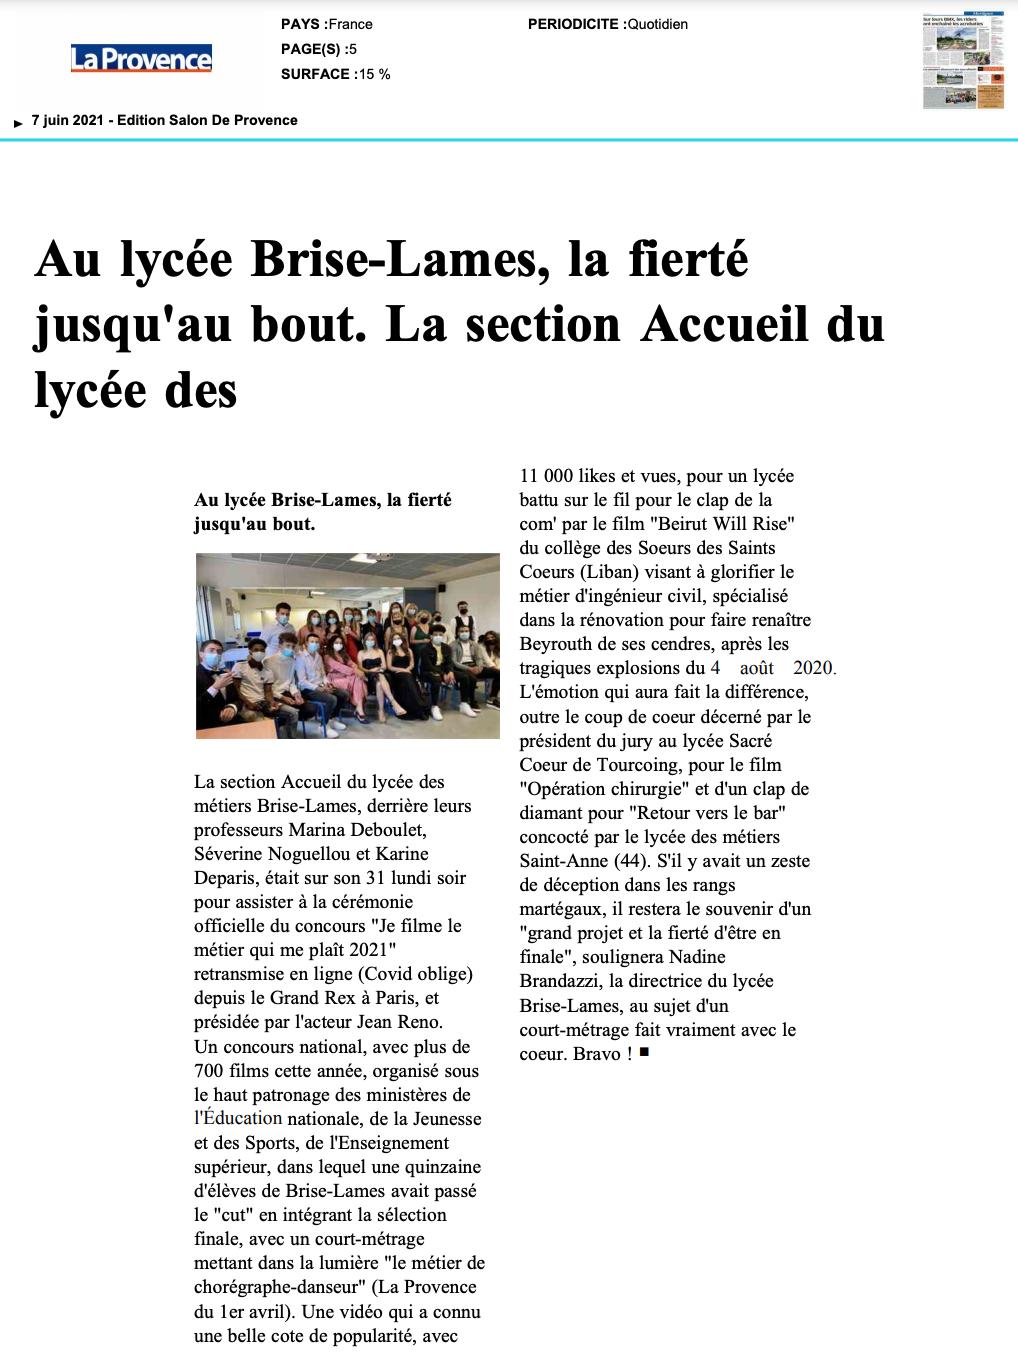 La Provence - 07/06/2021